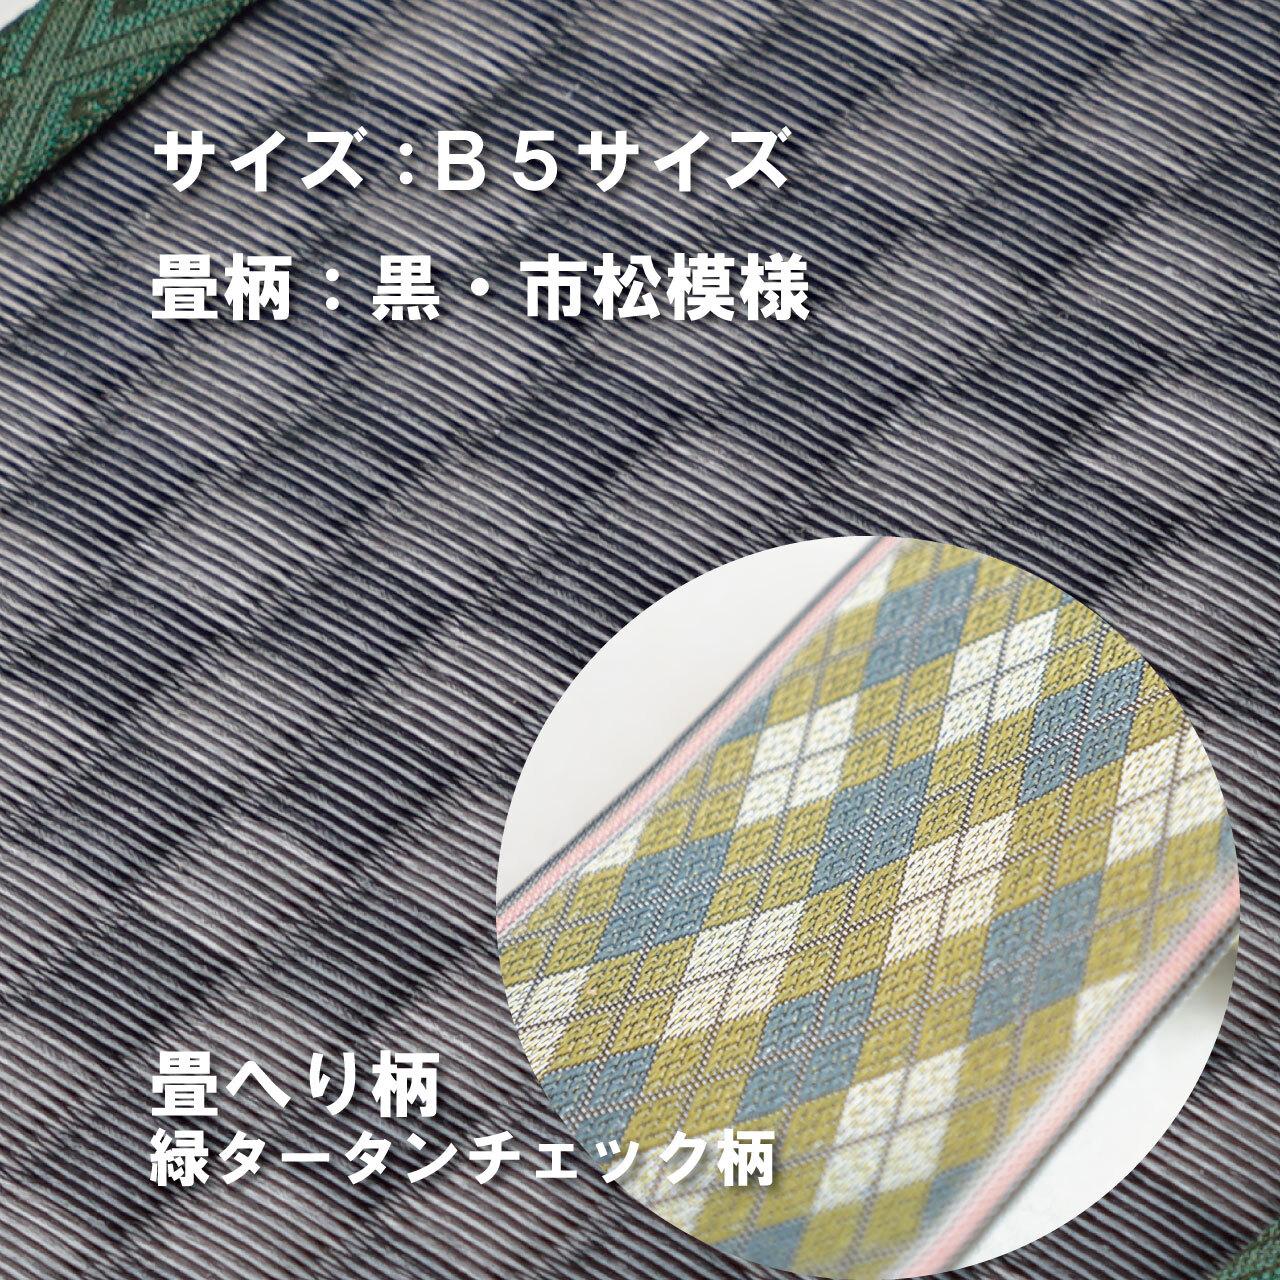 ミニ畳台 フィギア台や小物置きに♪ B5サイズ 畳:黒市松 縁の柄:緑タータンチェック B5BM009